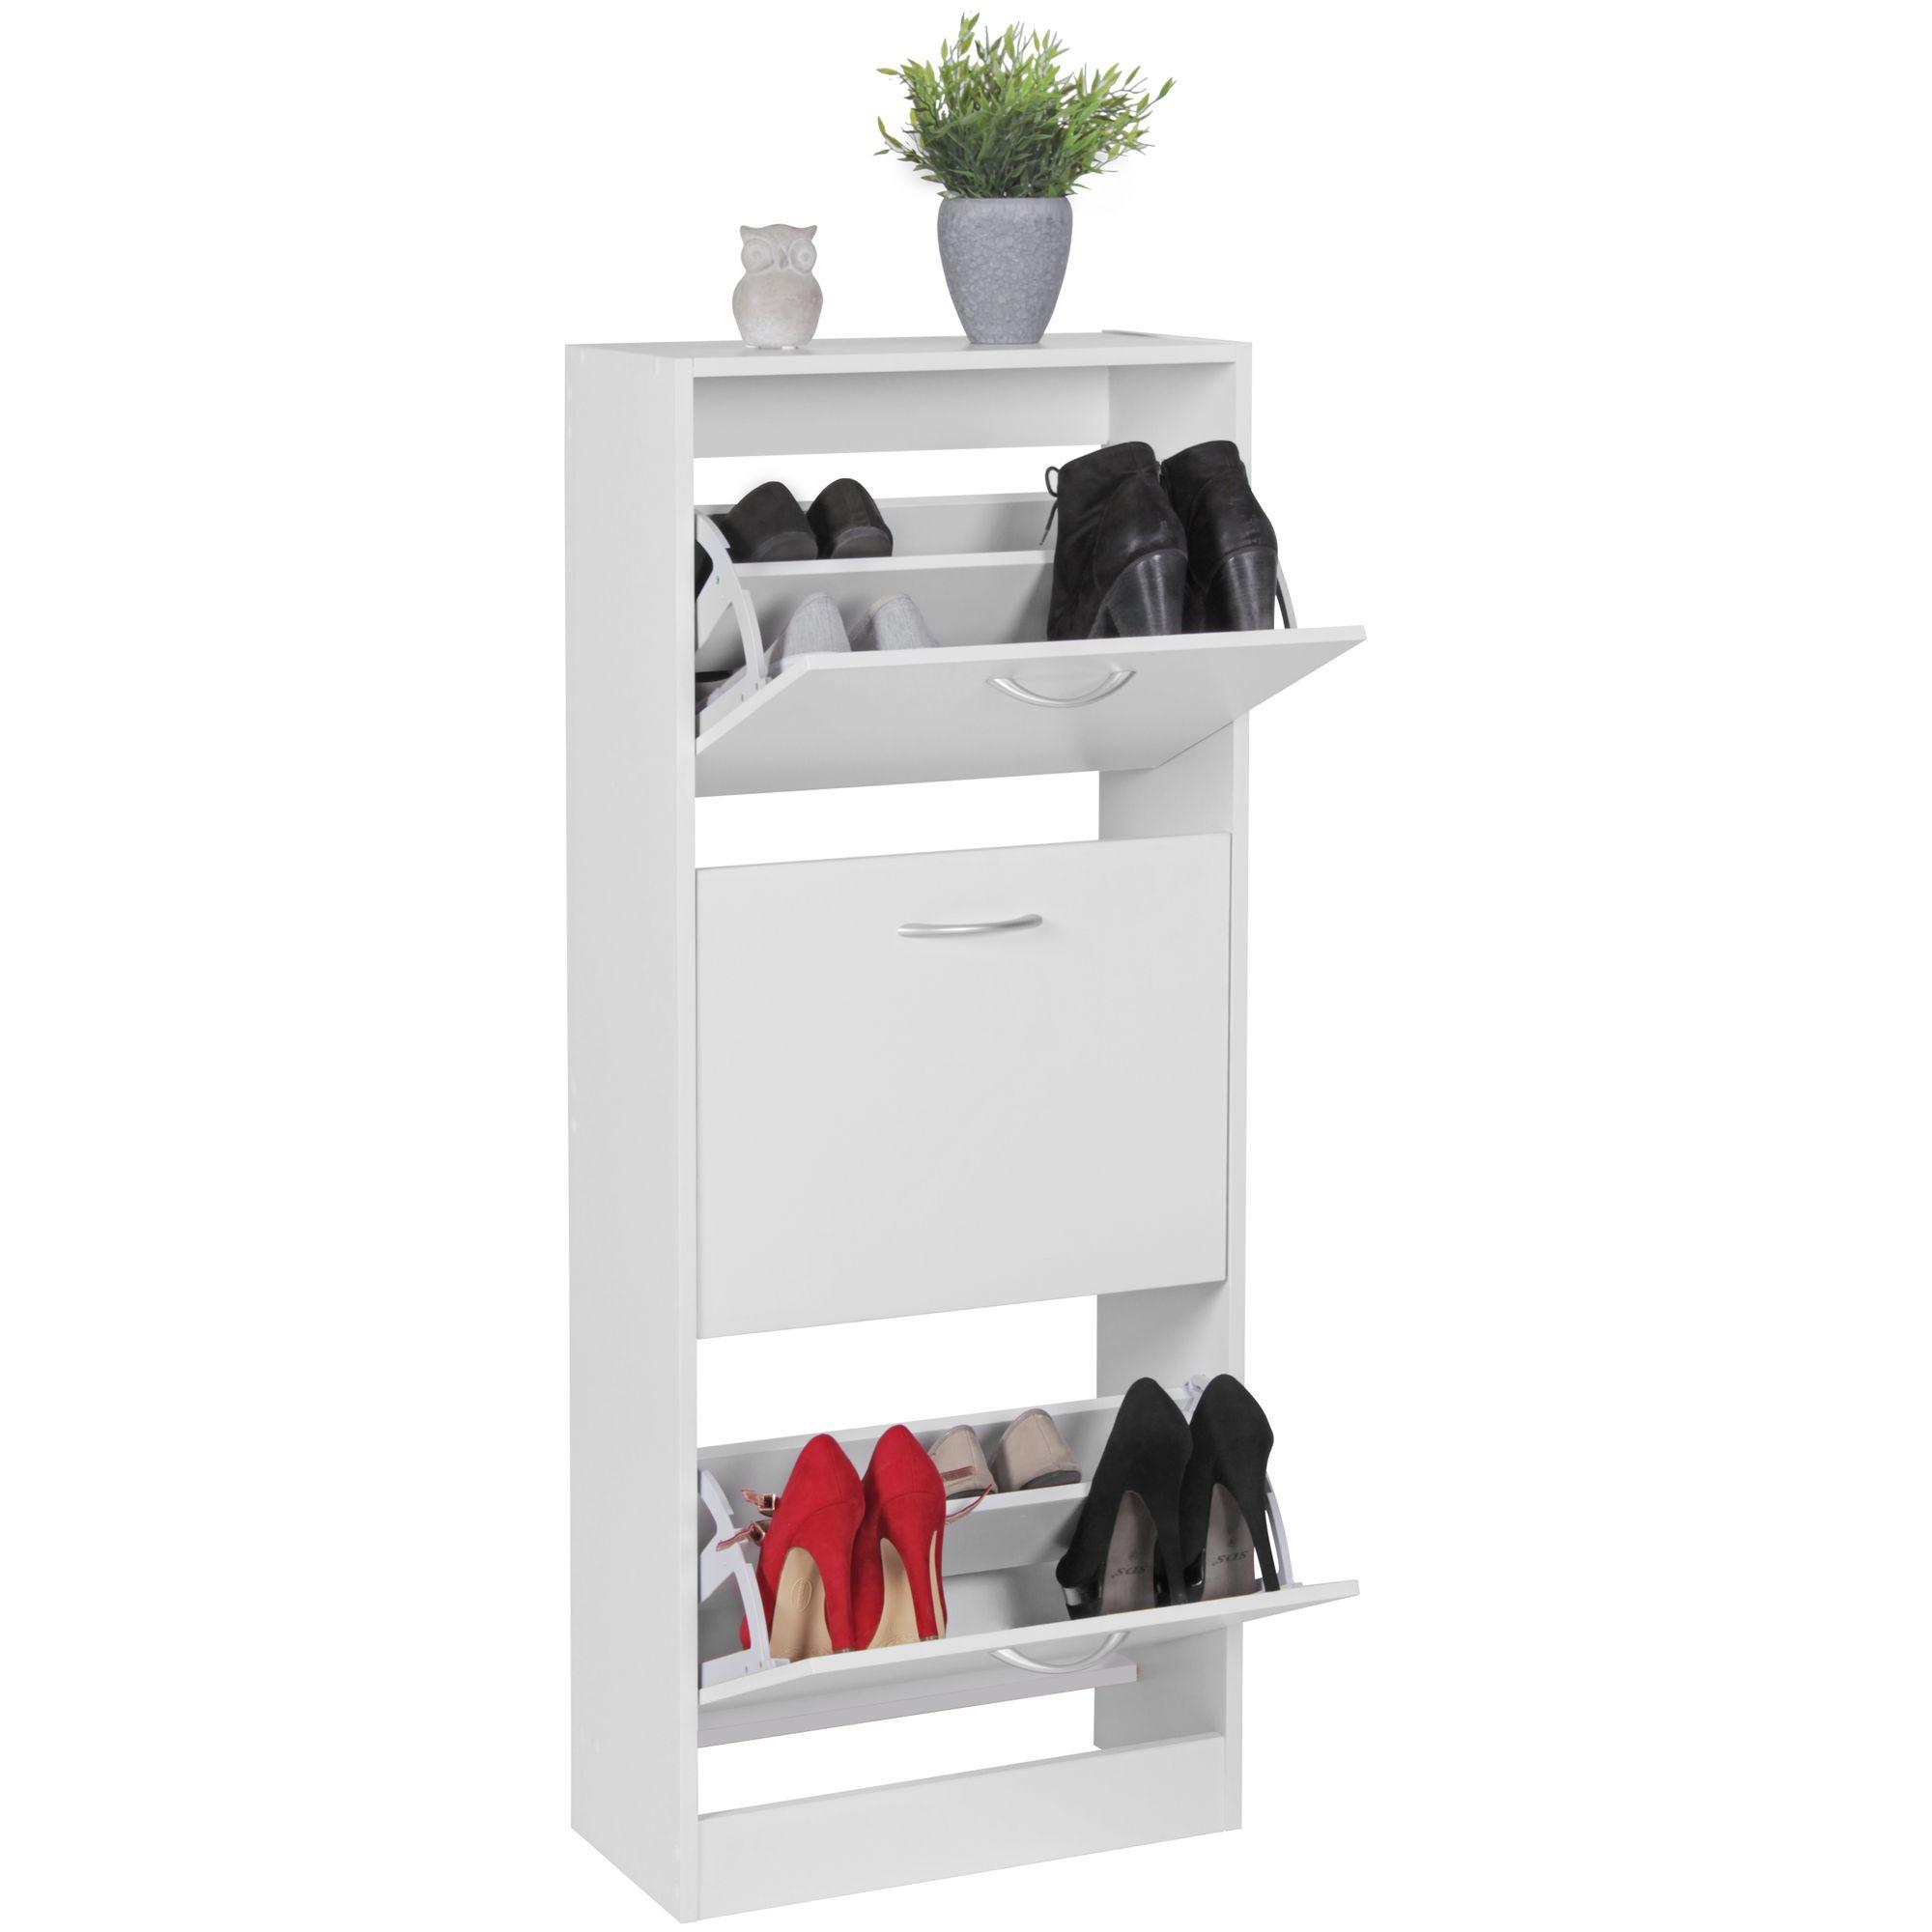 FineBuy Schuhkipper mit 3 Fächern für 18 Paar Schuhe | Moderner ...